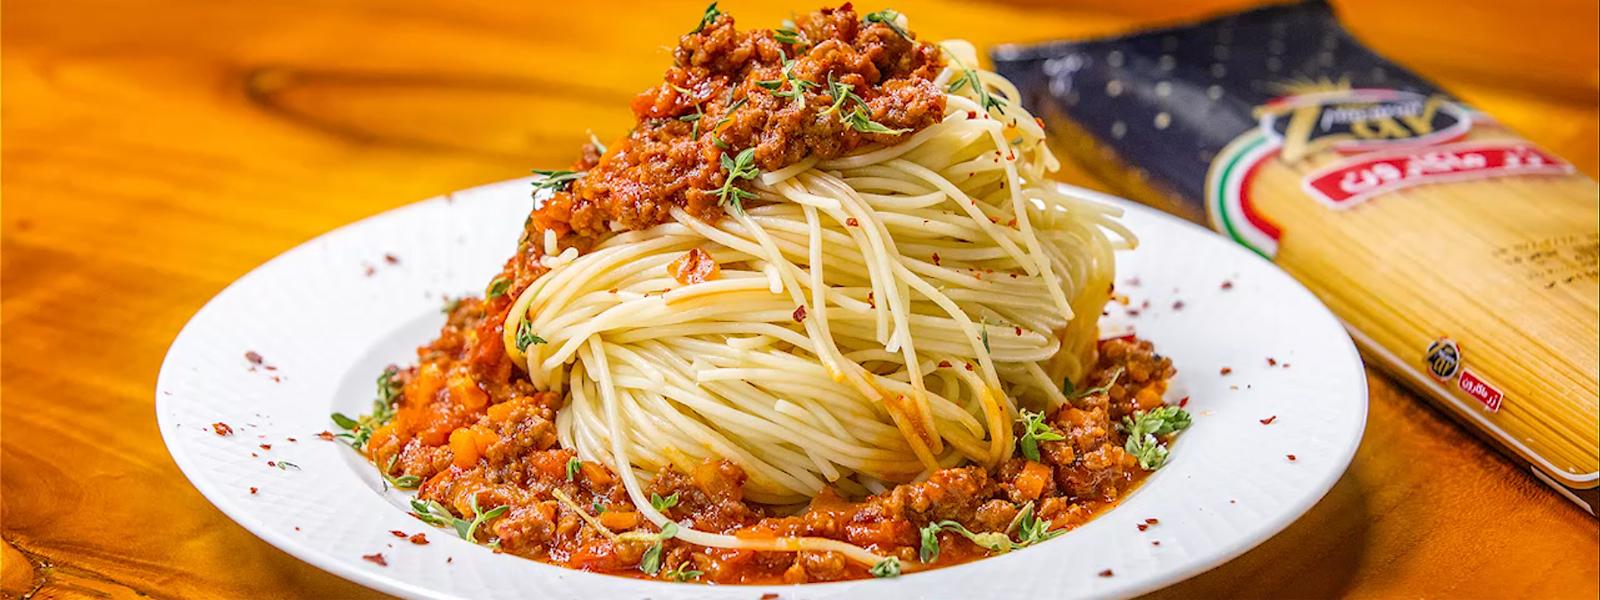 اسپاگتی با سس بلونز